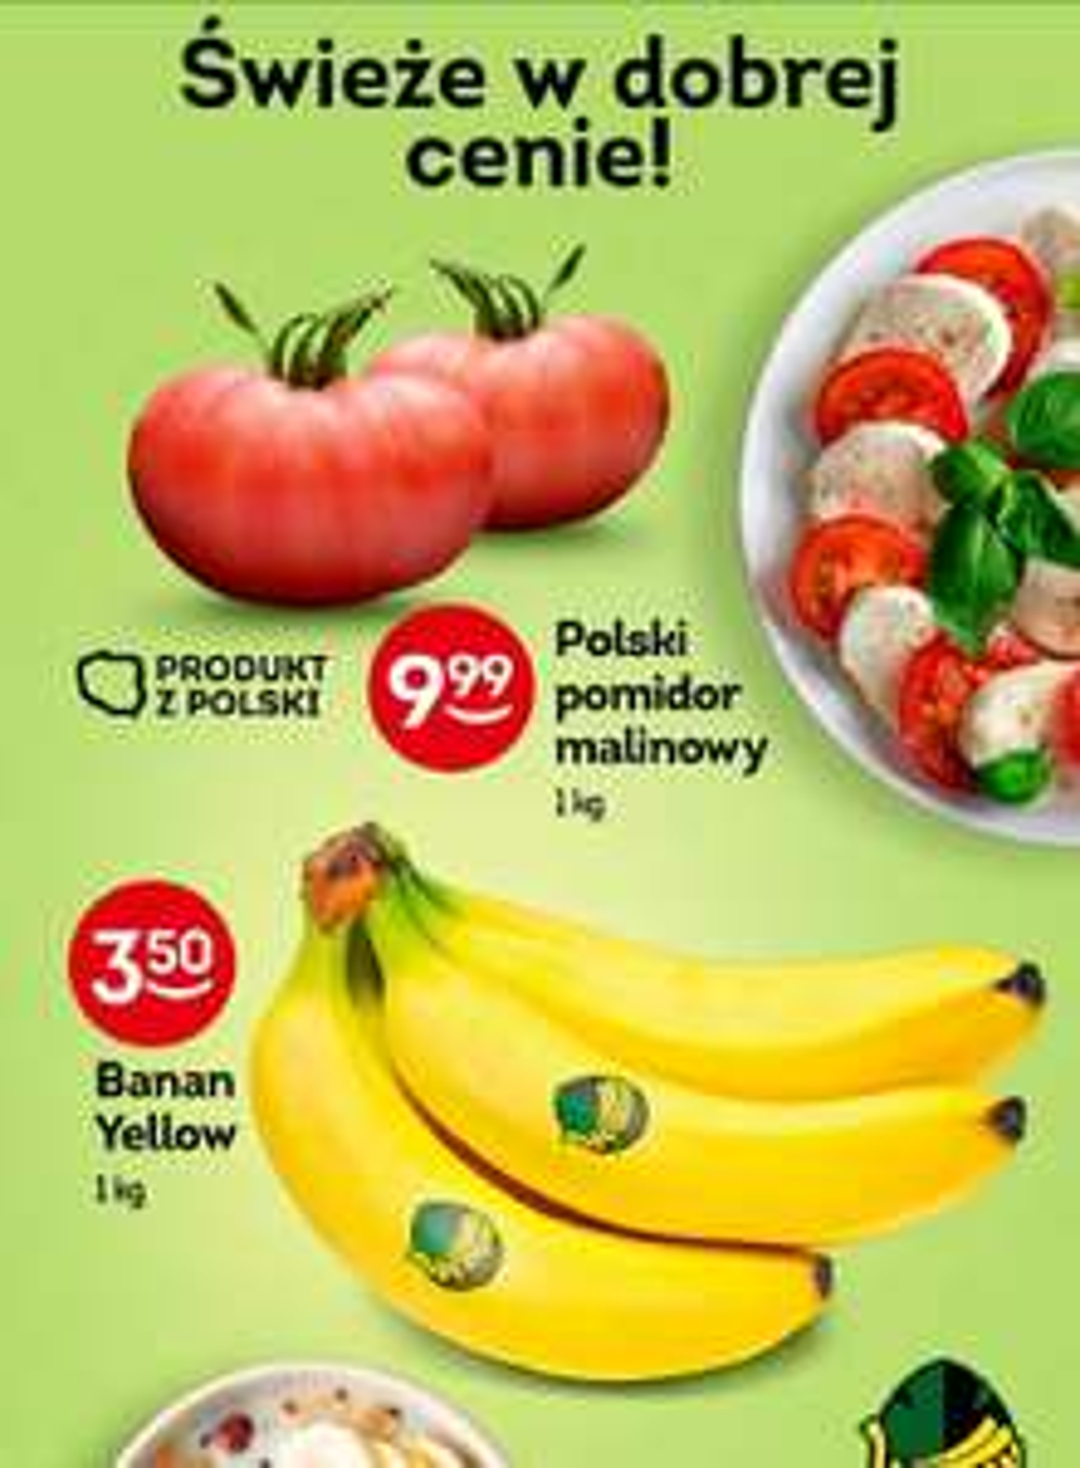 Żabka: pomidory malinowe 9.99 zł, banany 3.5 zł